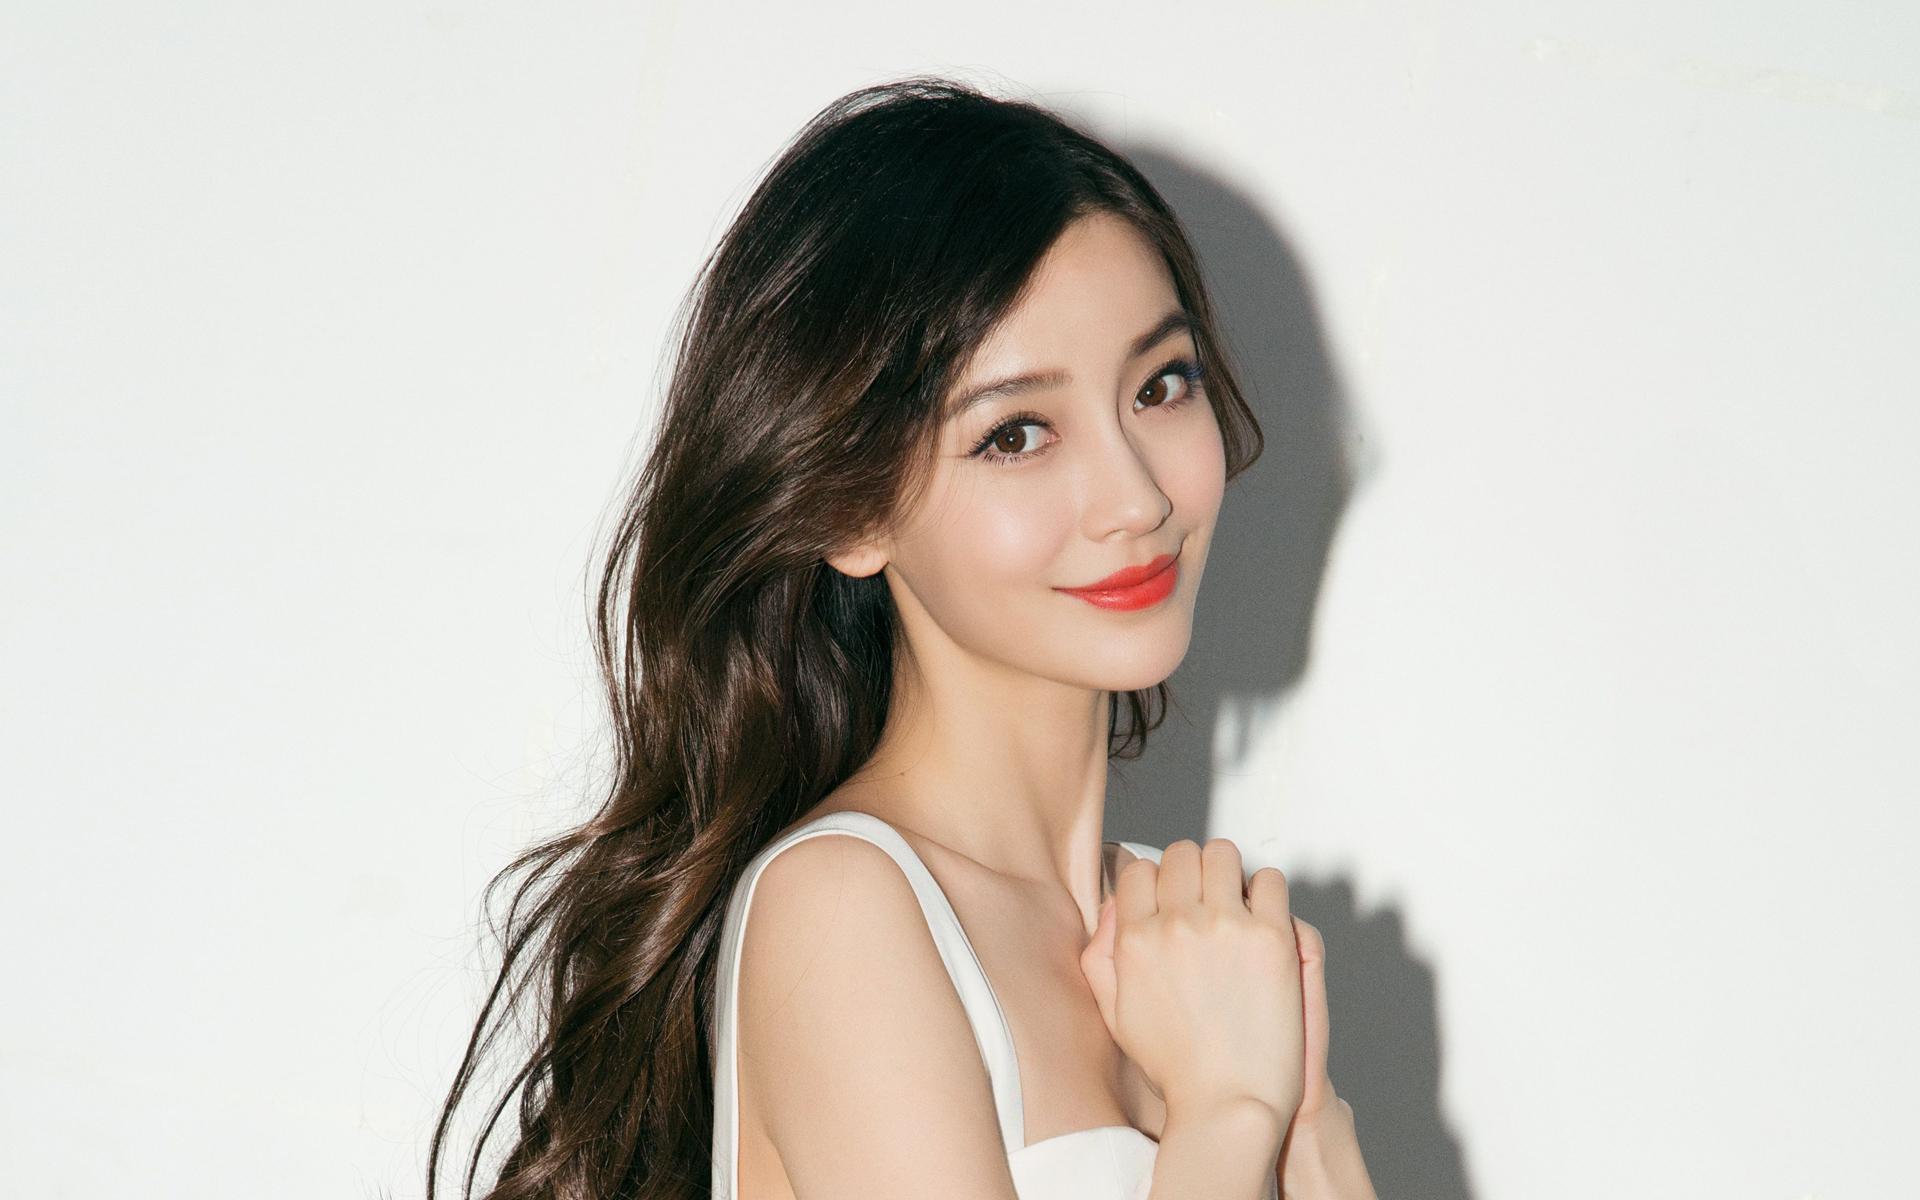 时尚辣妈angelababy新春写真高清电脑桌面壁纸下载